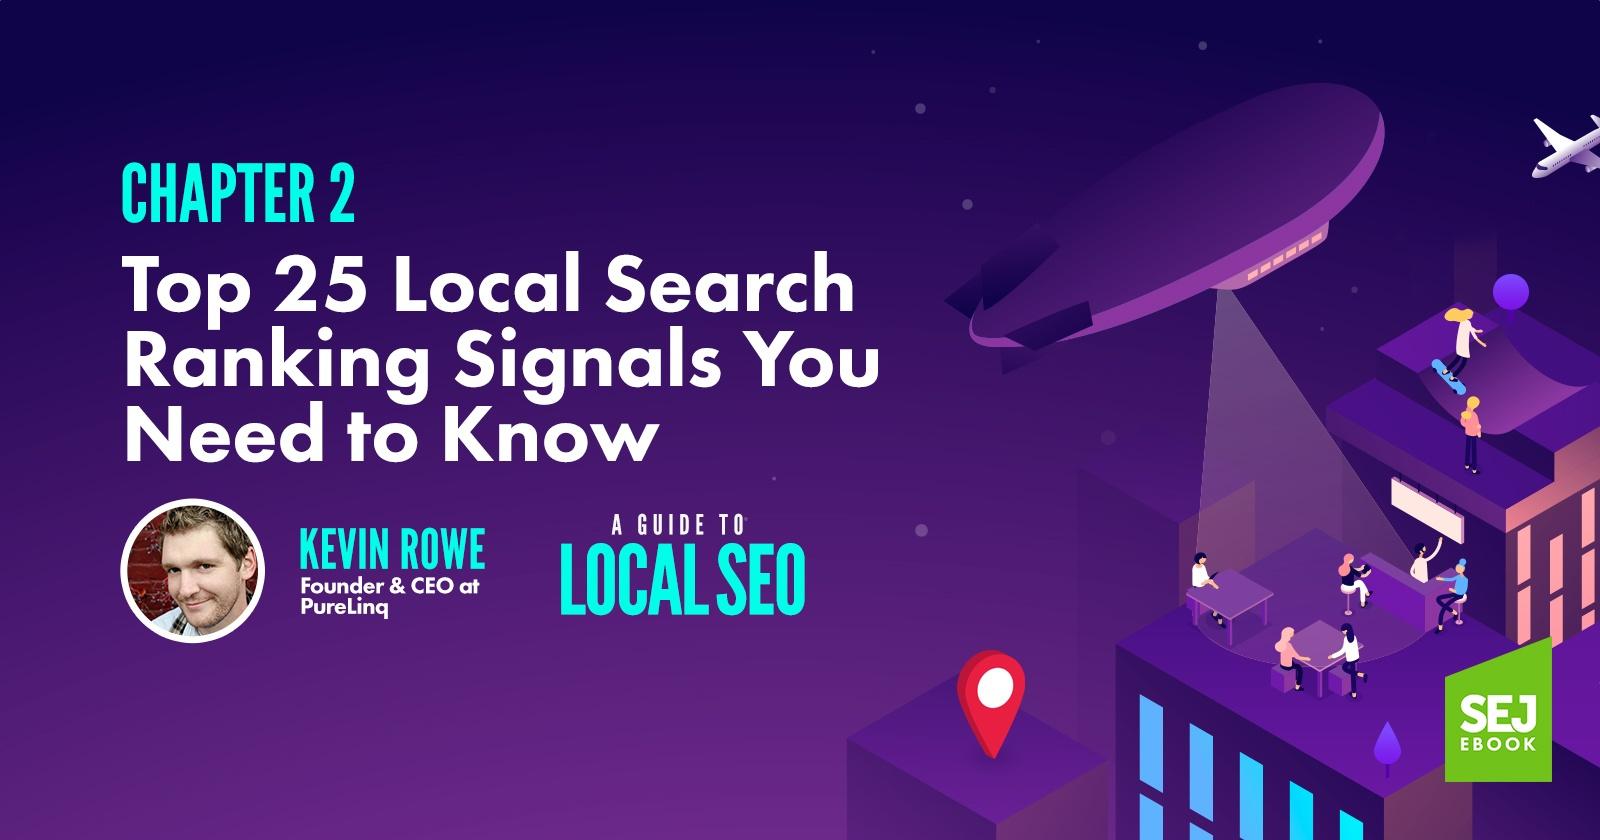 Top 25 des signaux de classement de la recherche locale que vous devez savoir